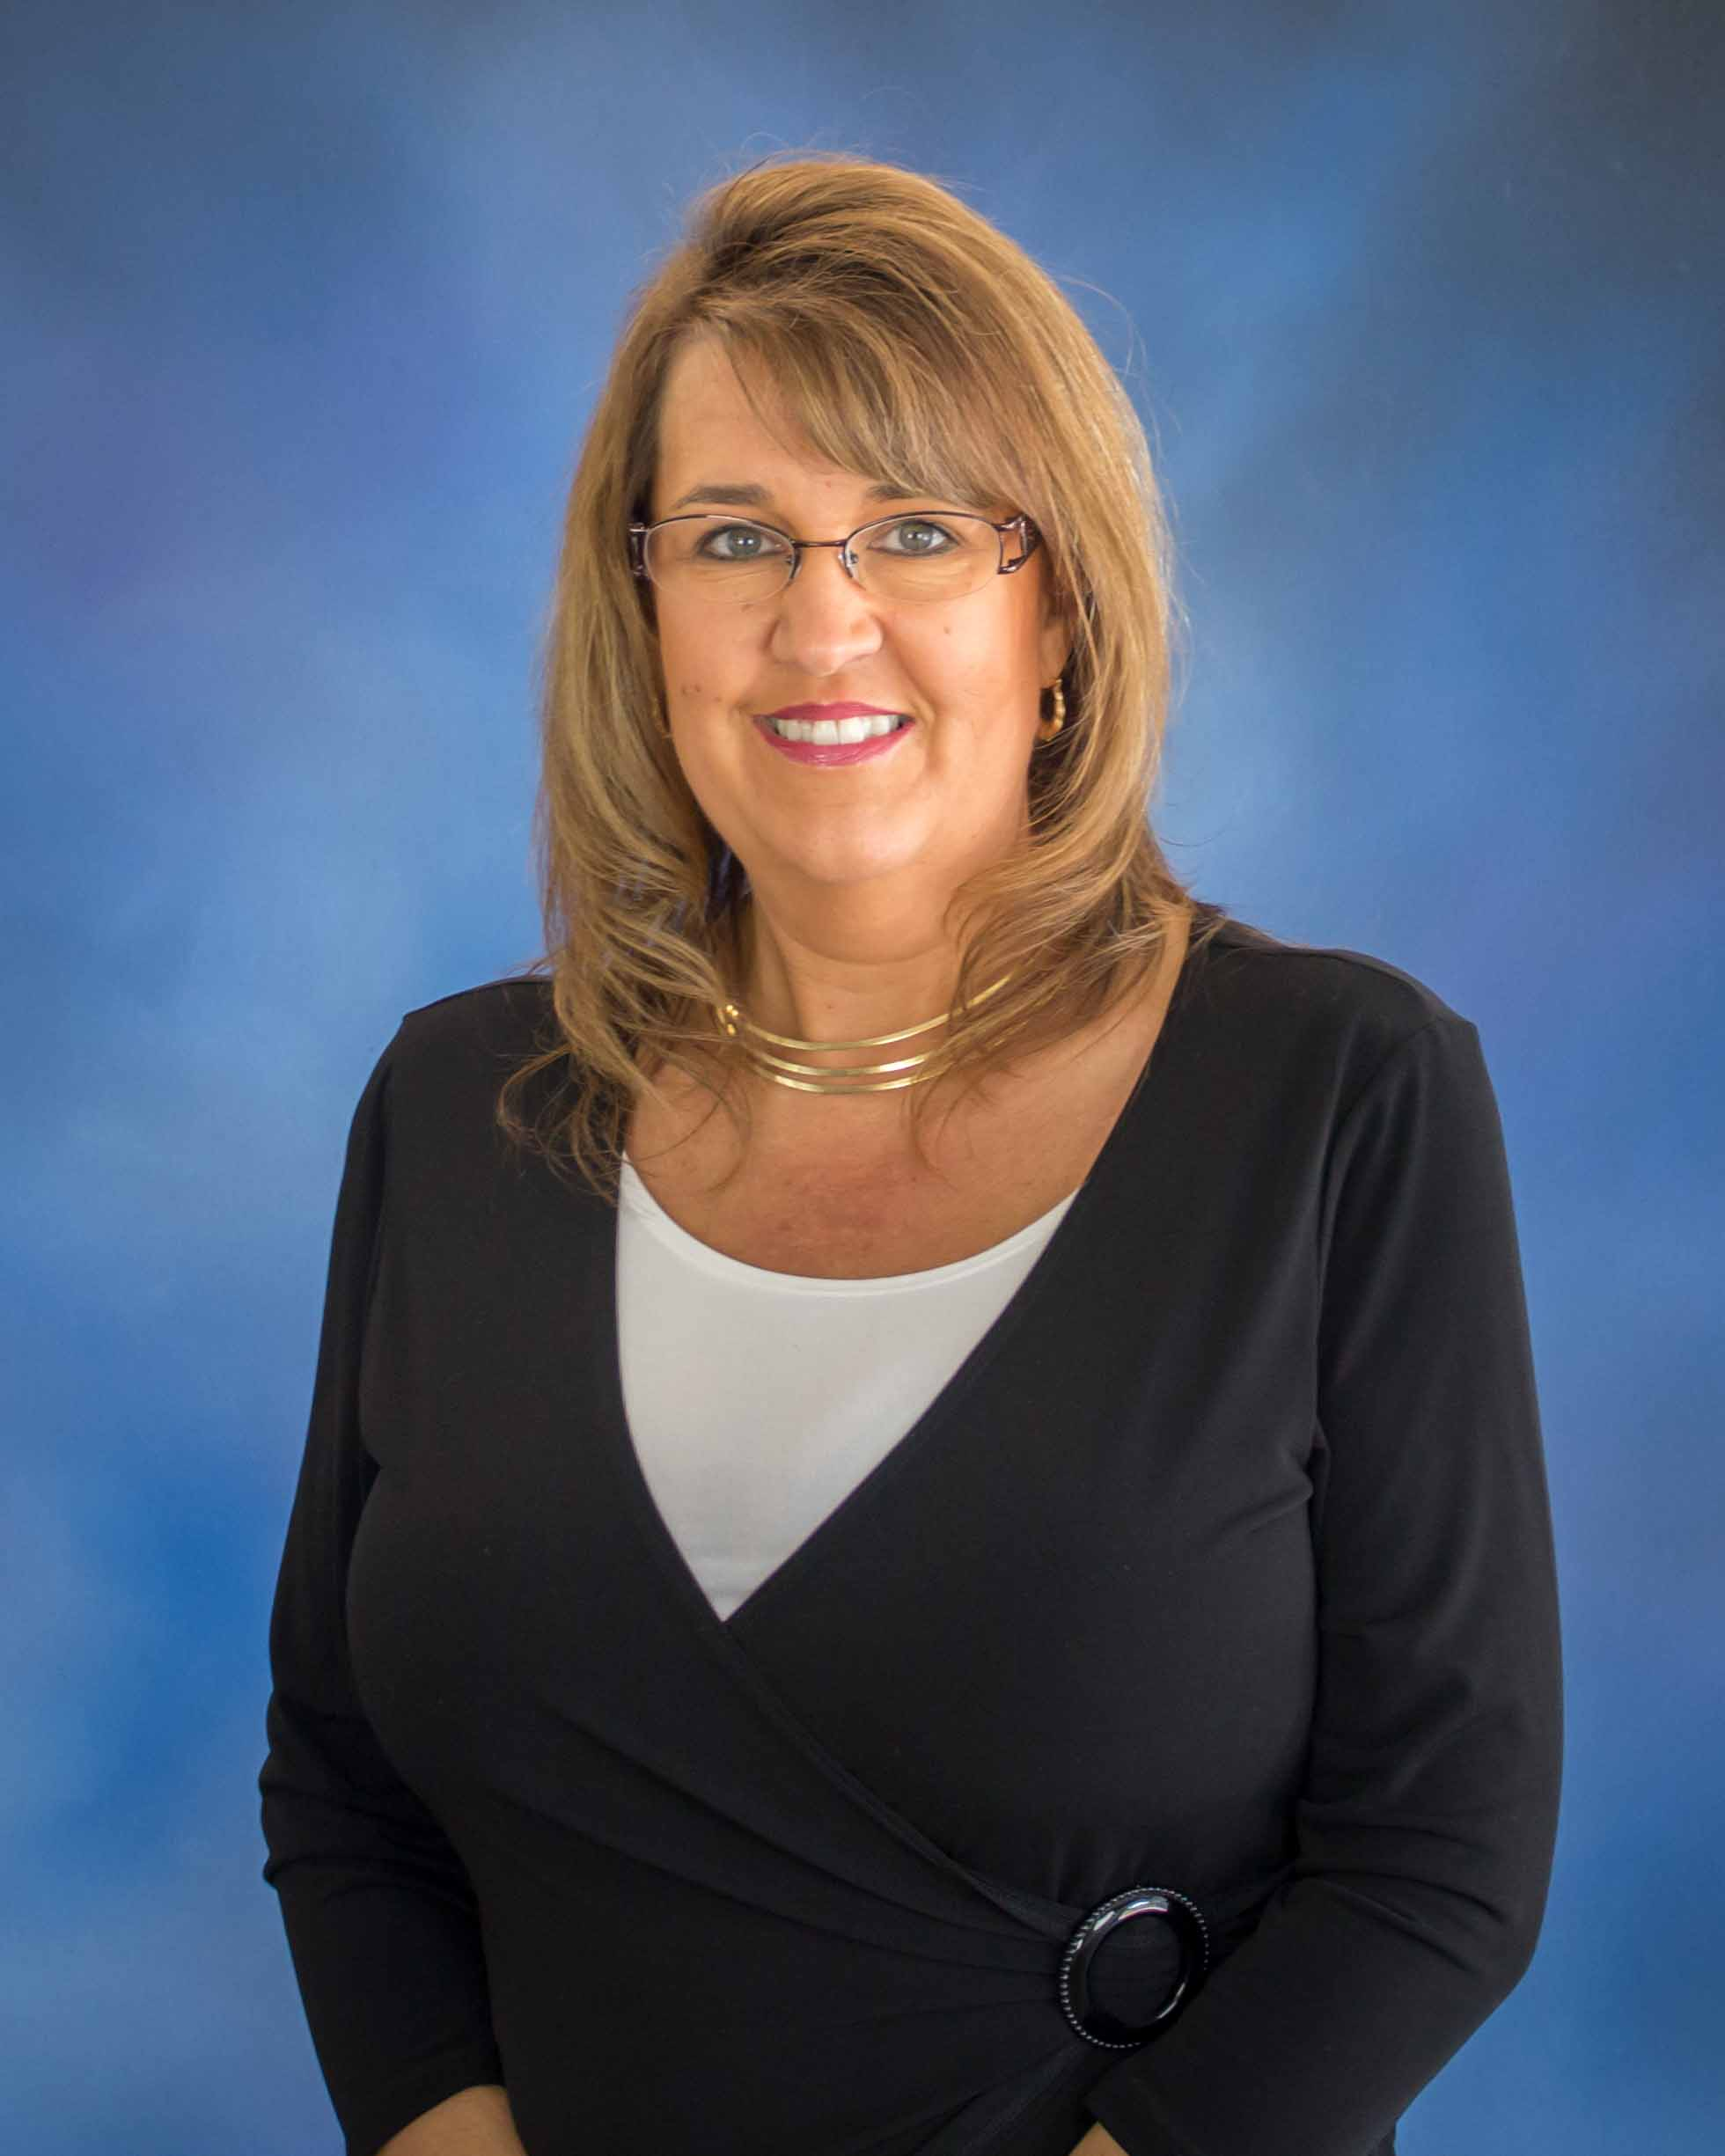 Cindy Dewar